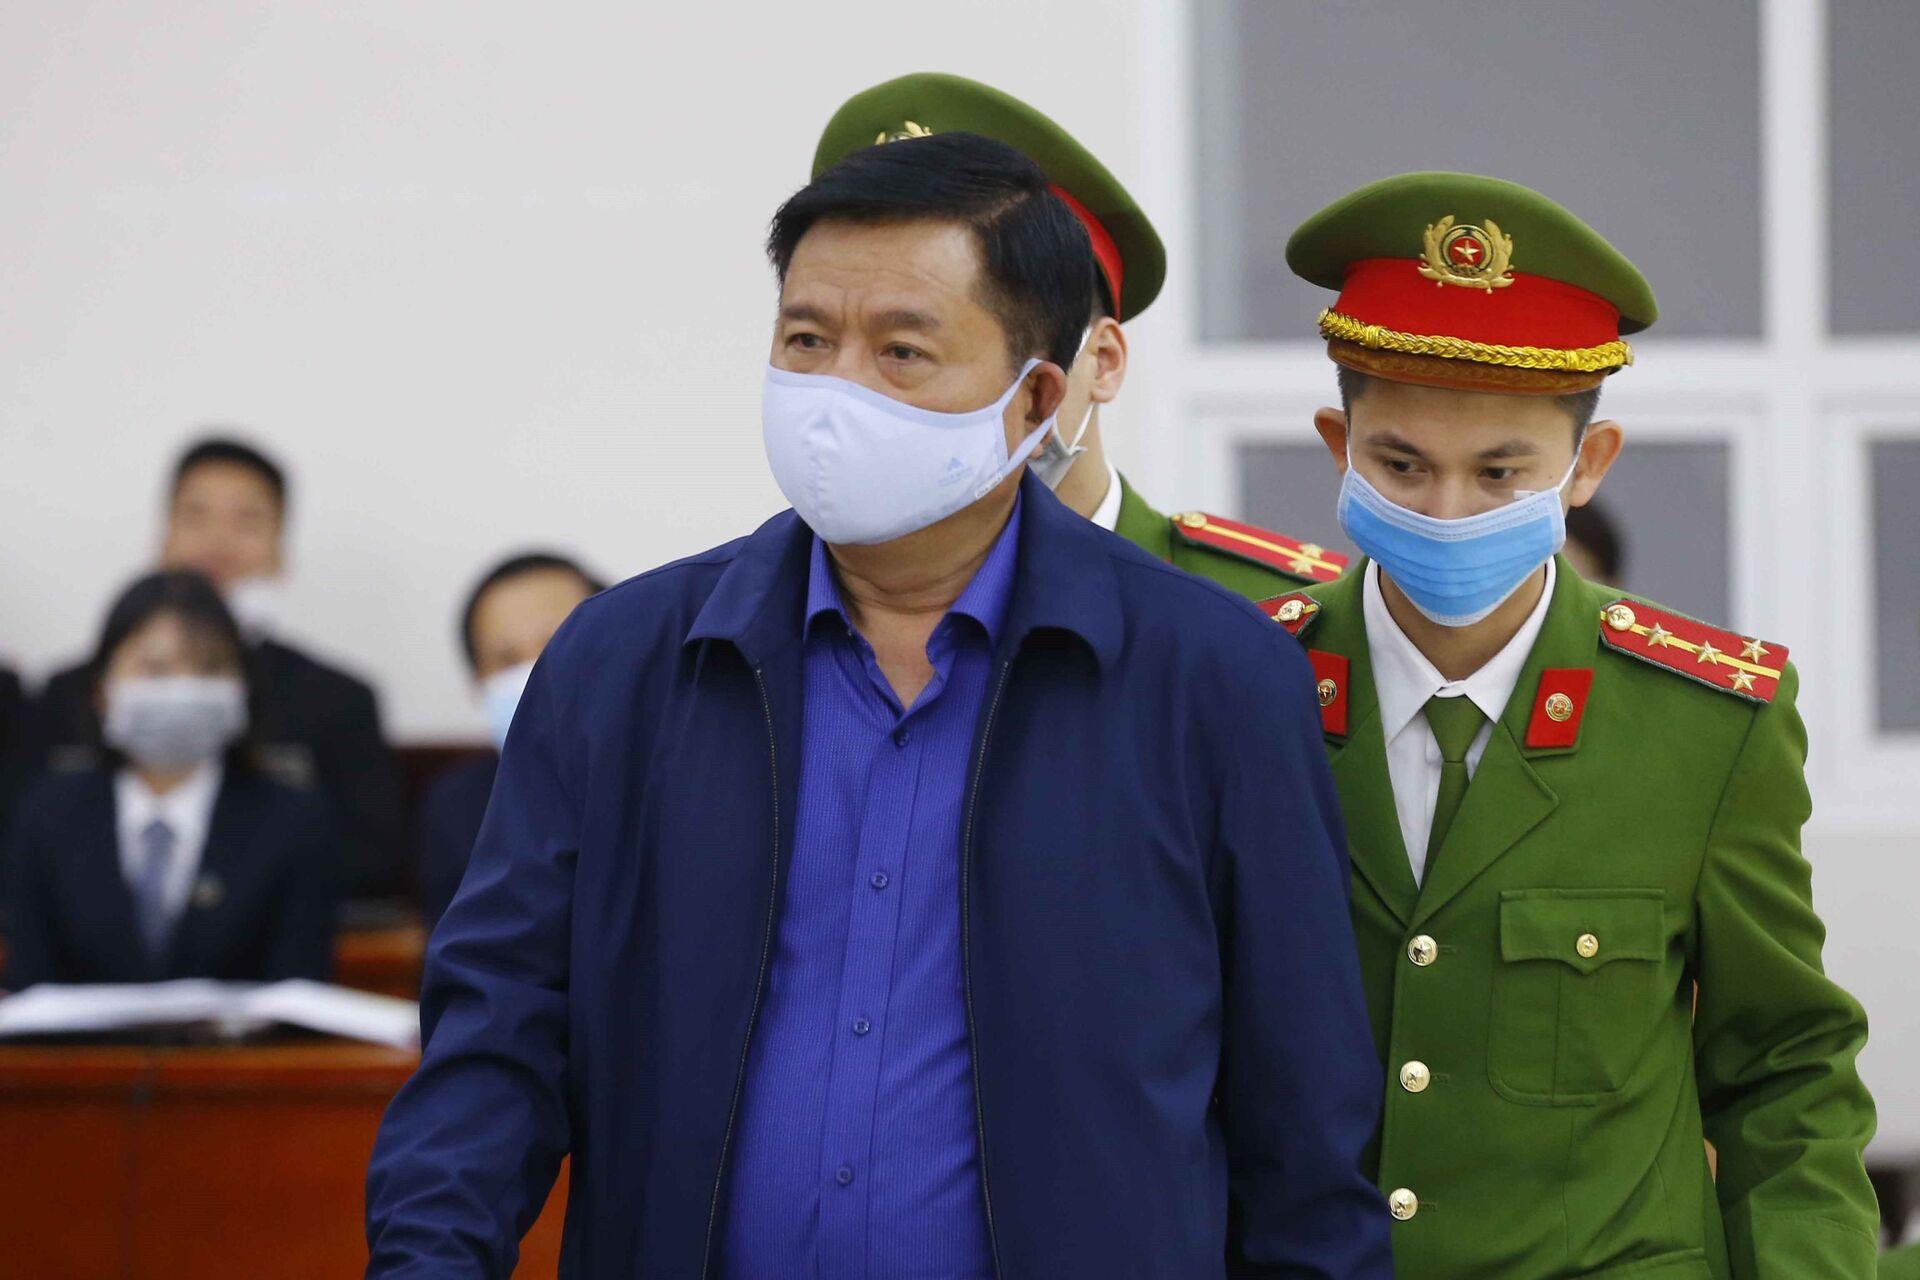 Phiên tòa sáng 08/03: Bị cáo Trịnh Xuân Thanh có đề nghị bất ngờ - Sputnik Việt Nam, 1920, 08.03.2021